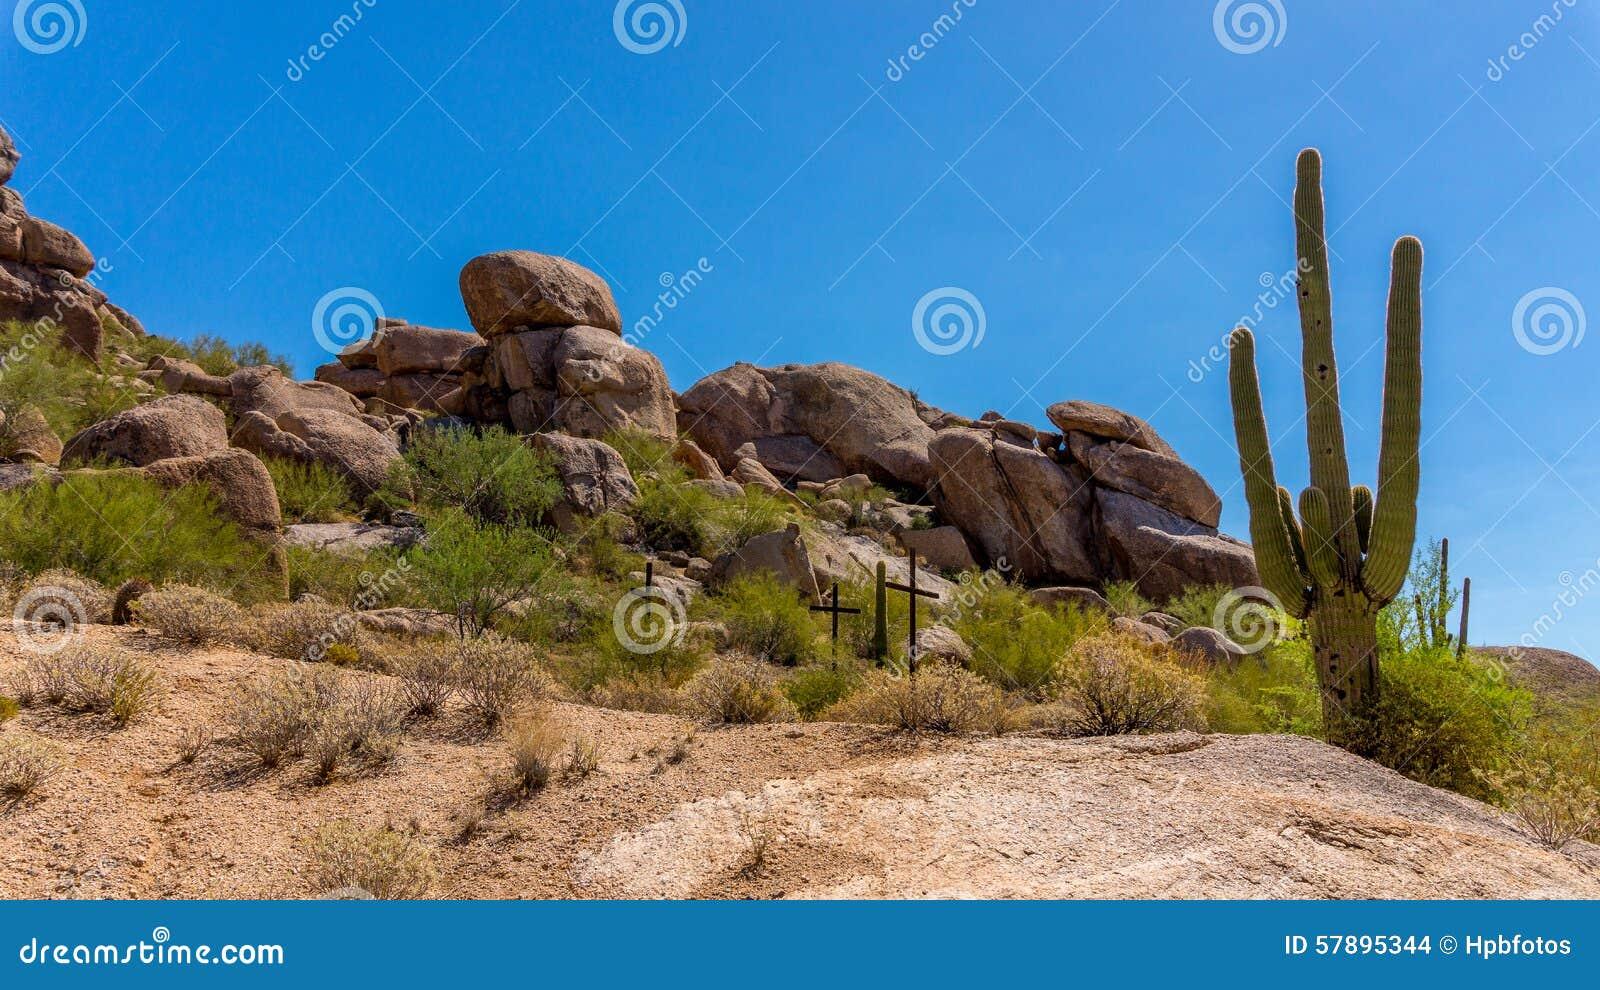 Tres cruces en una ladera en el desierto